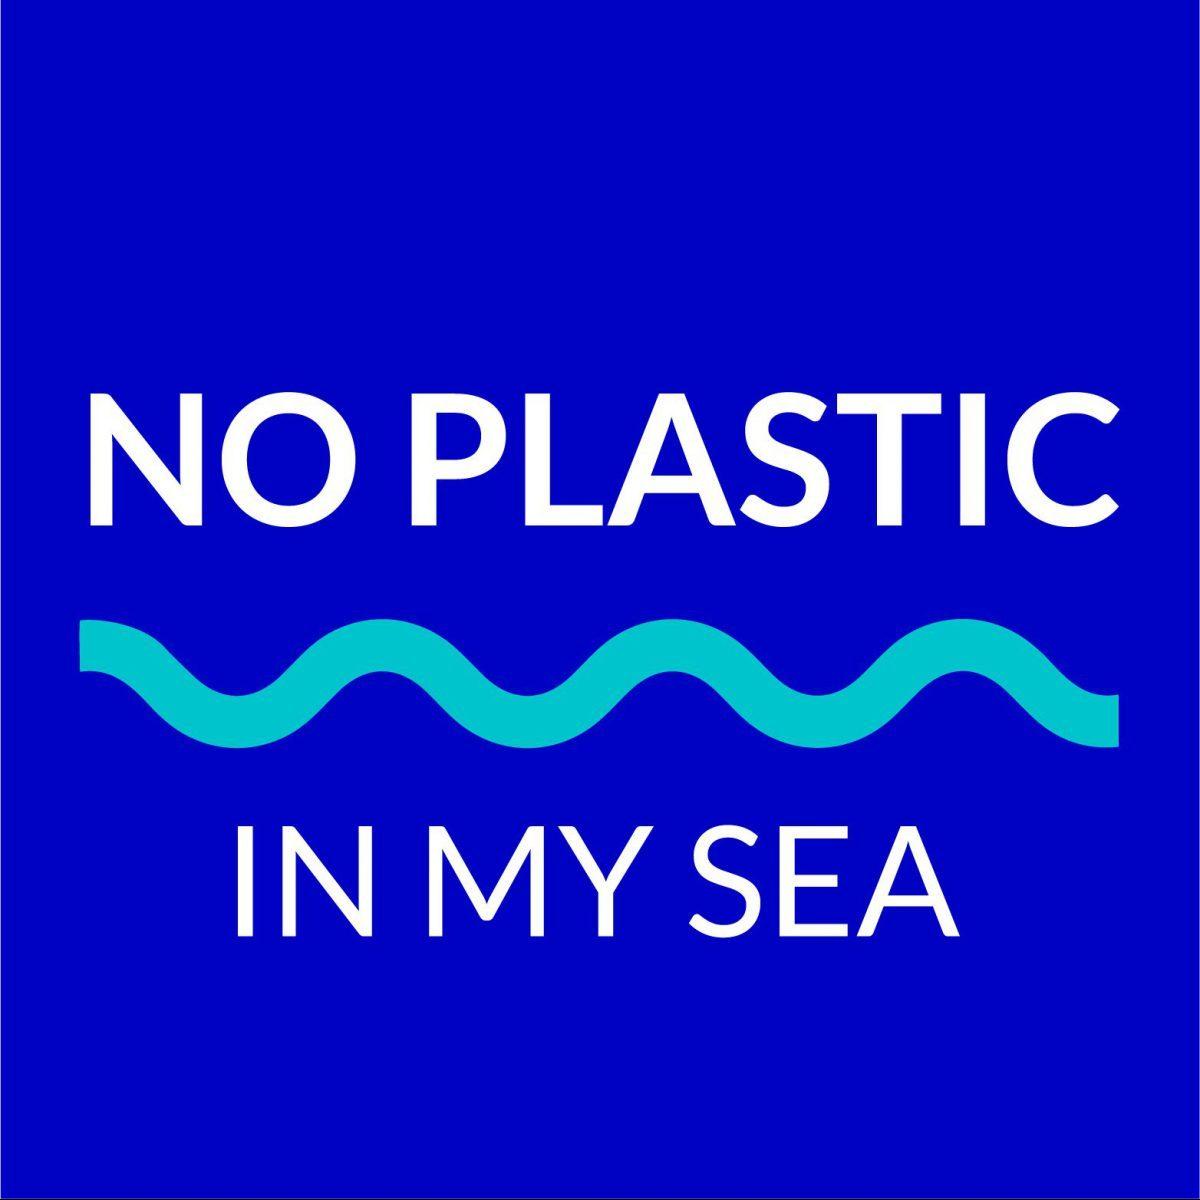 Réduisons notre impact plastique